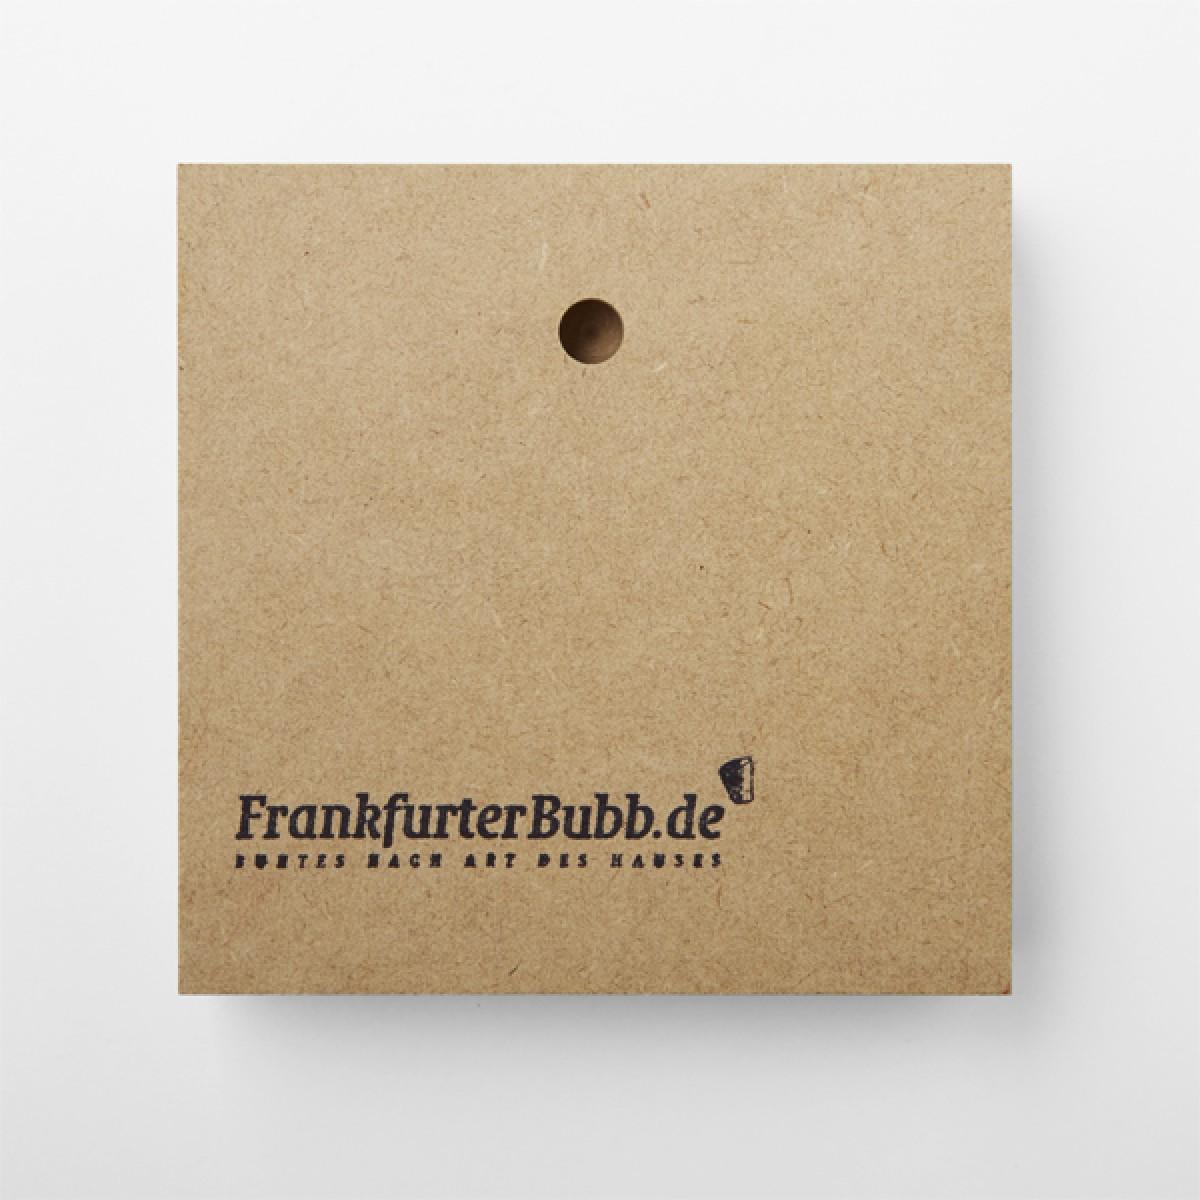 FrankfurterBubb Harmonie Foto-Kachel